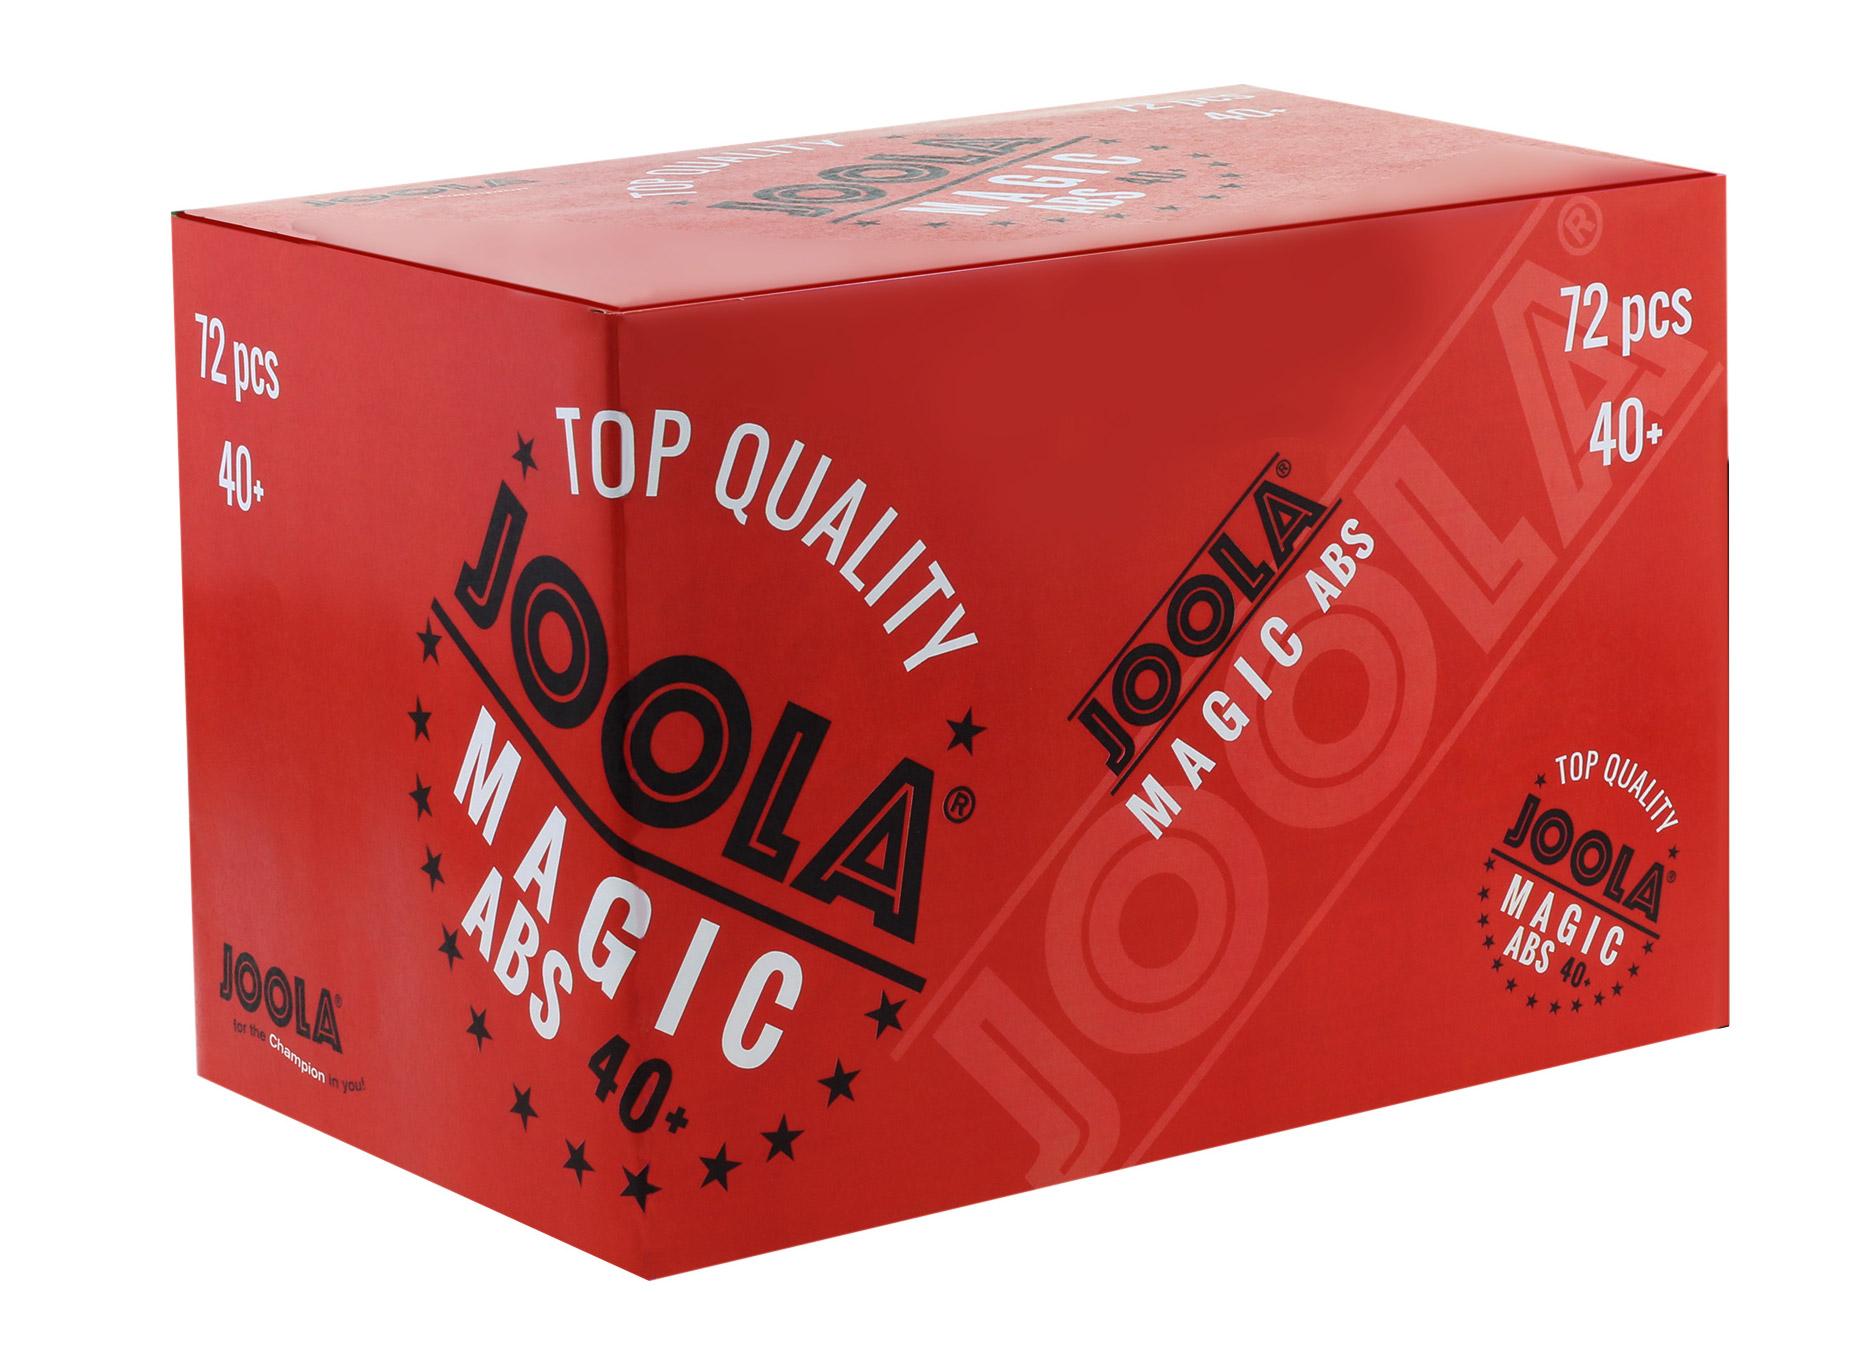 JOOLA MAGIC ABS 40+ 72PCS